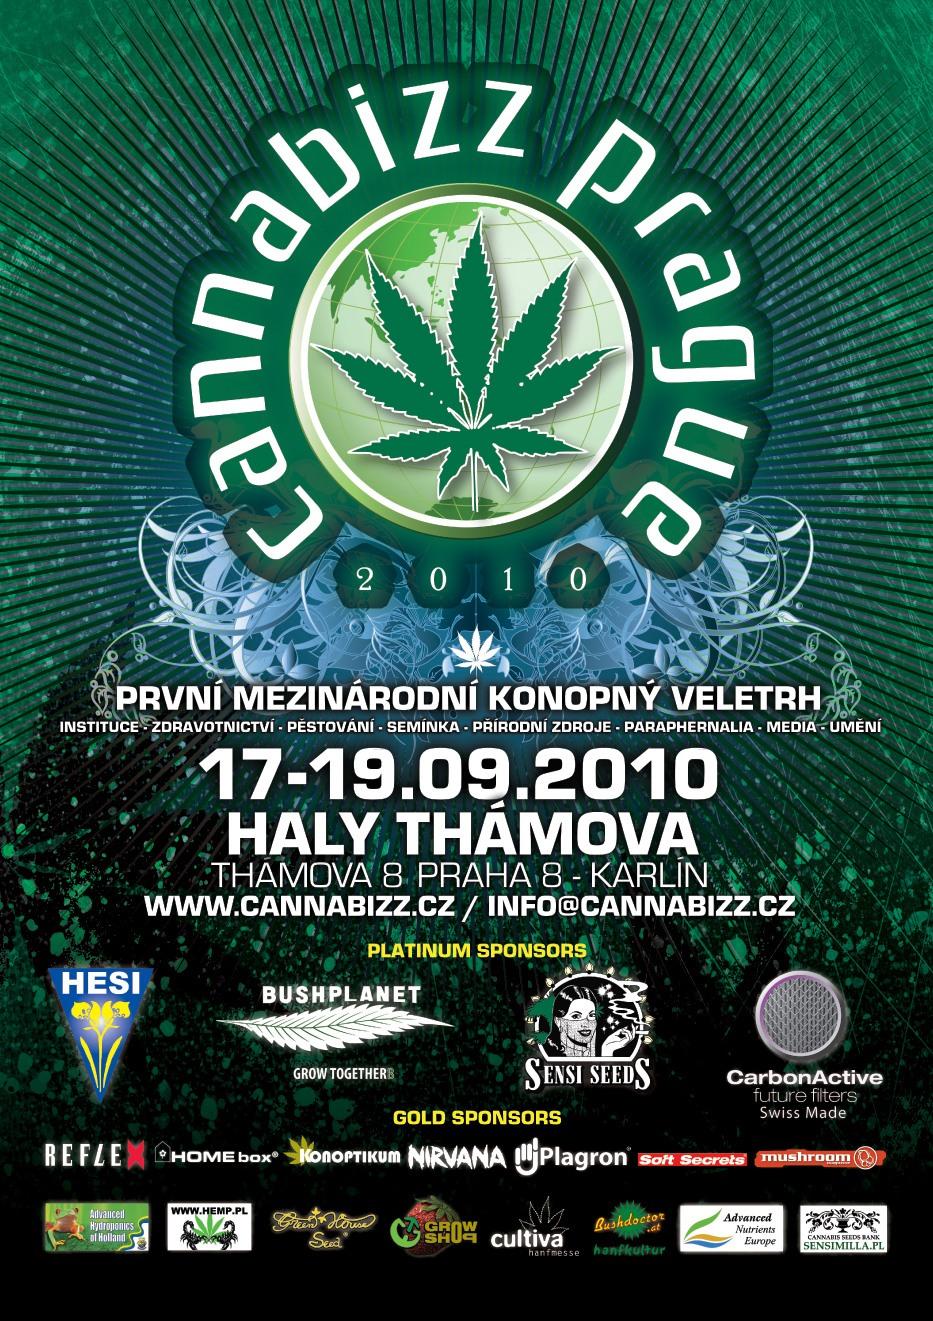 Cannabizz - 1. český veletrh konopné kultury